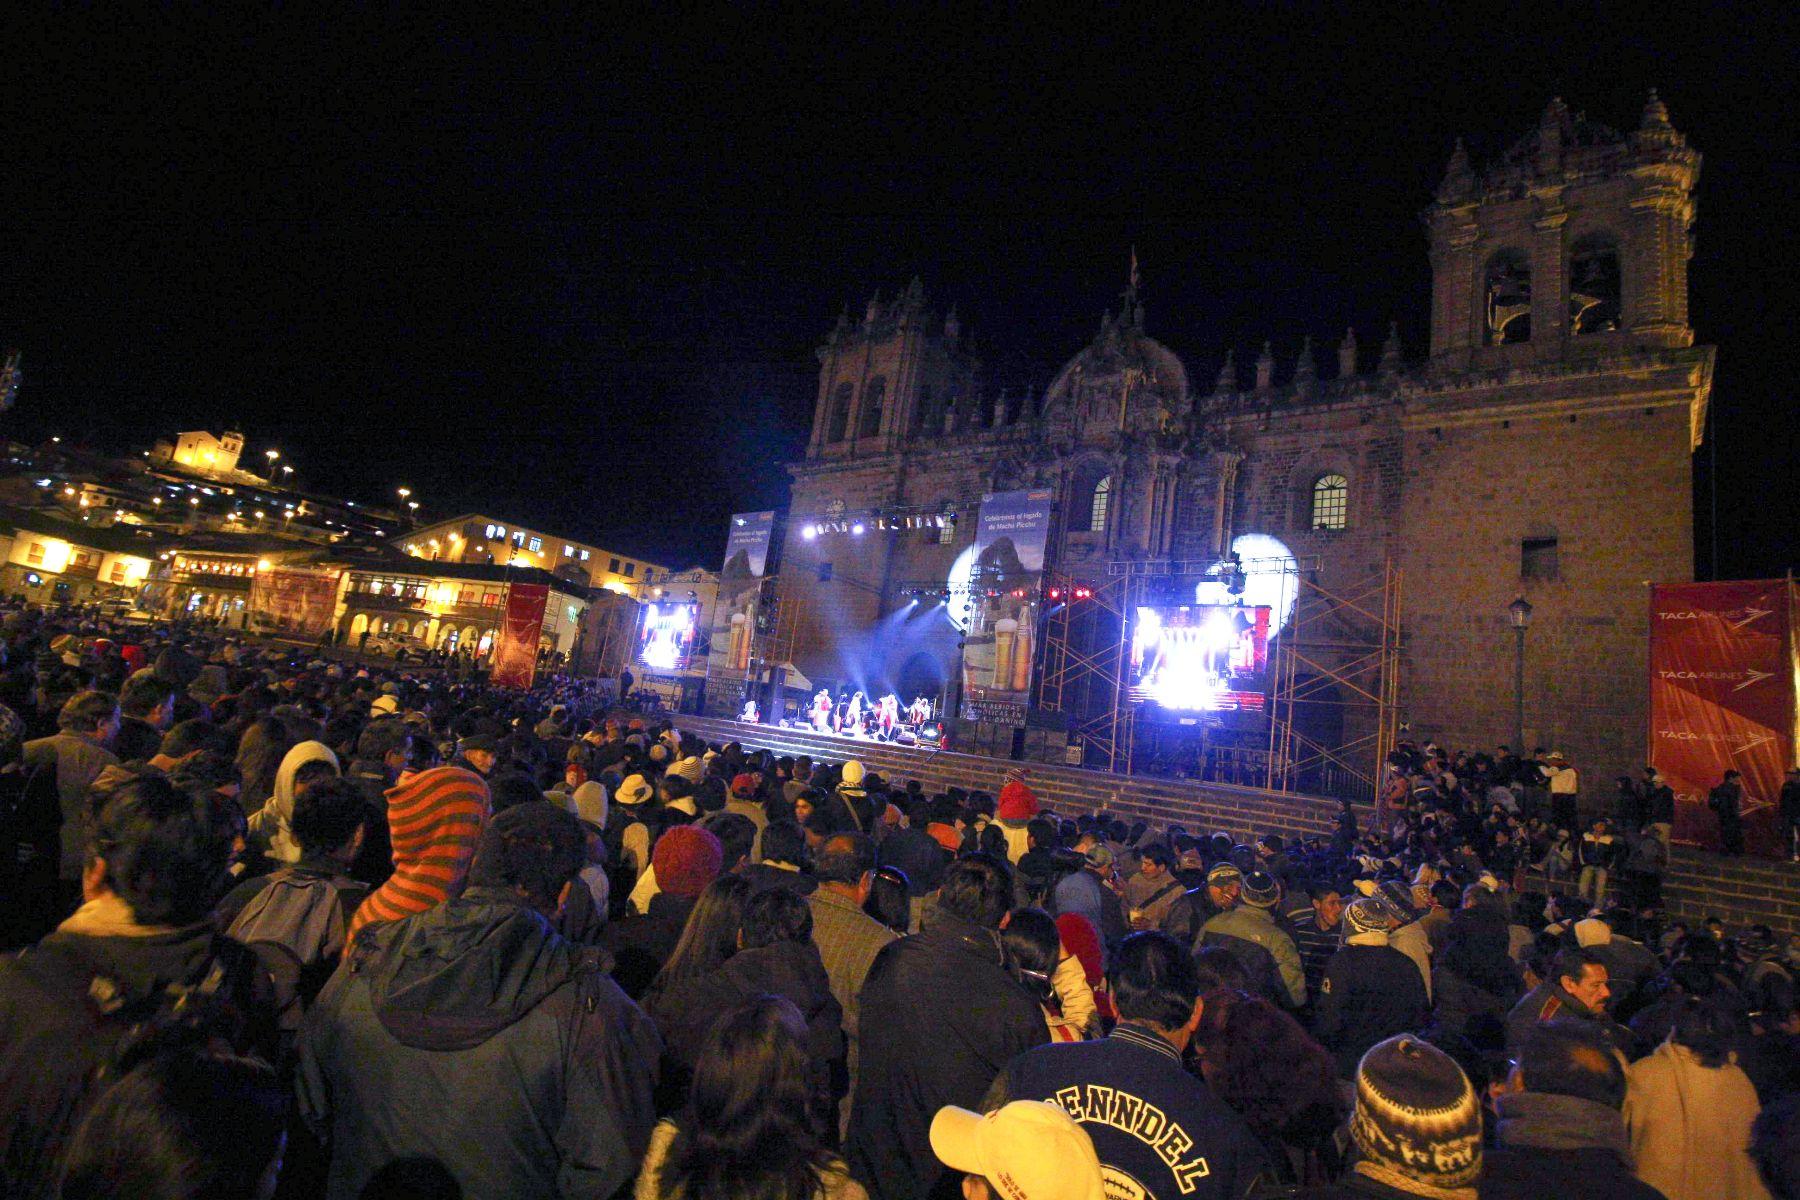 La plaza de Armas de la Ciudad Imperial es escenario del espectáculo La fiesta es en el Cusco. Foto: ANDINA / Percy Hurtado.